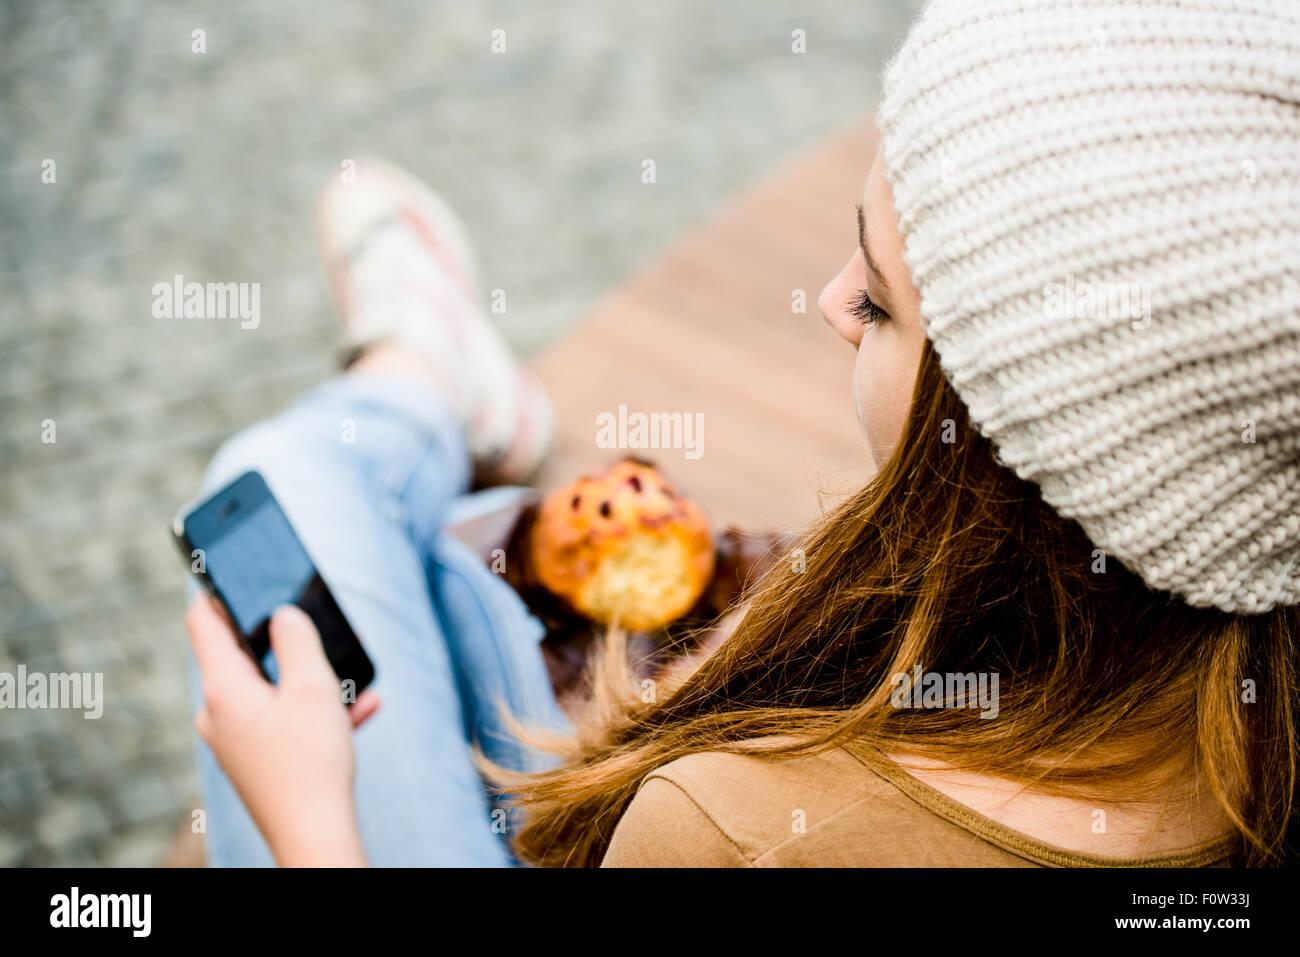 Ado - young woman eating muffin dans la rue et à la recherche dans le téléphone Photo Stock